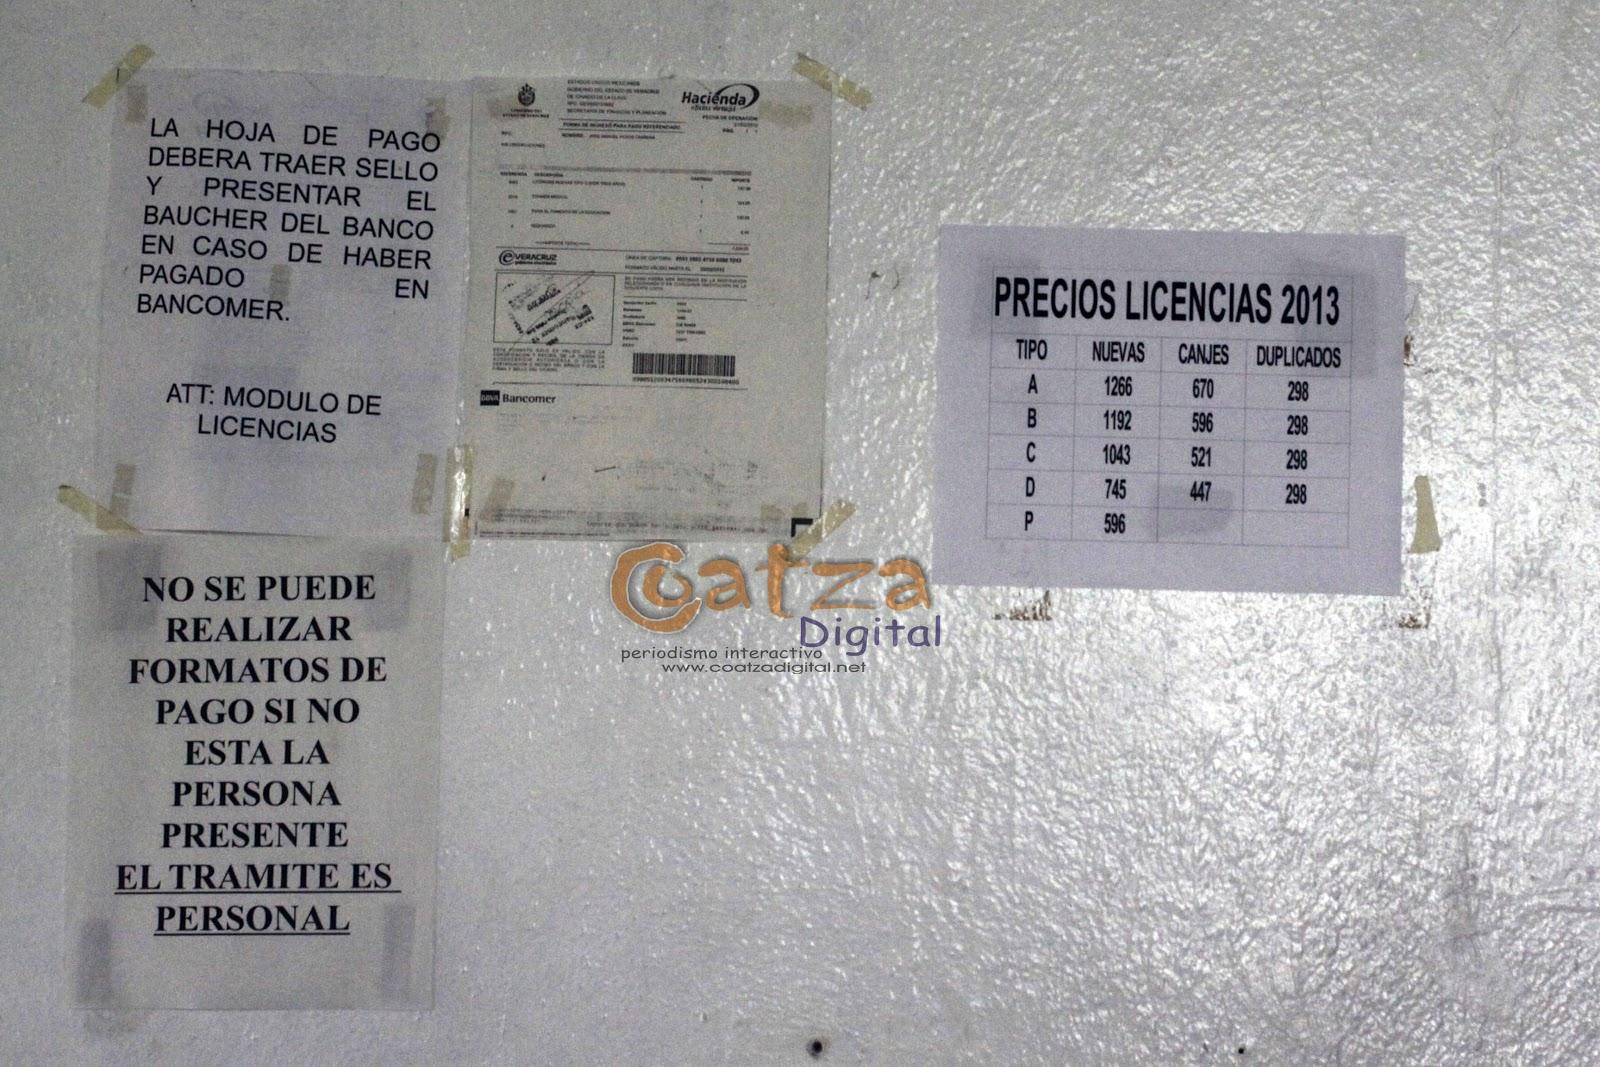 Licencia De Conducir: Costo Licencia De Conducir Veracruz 2016